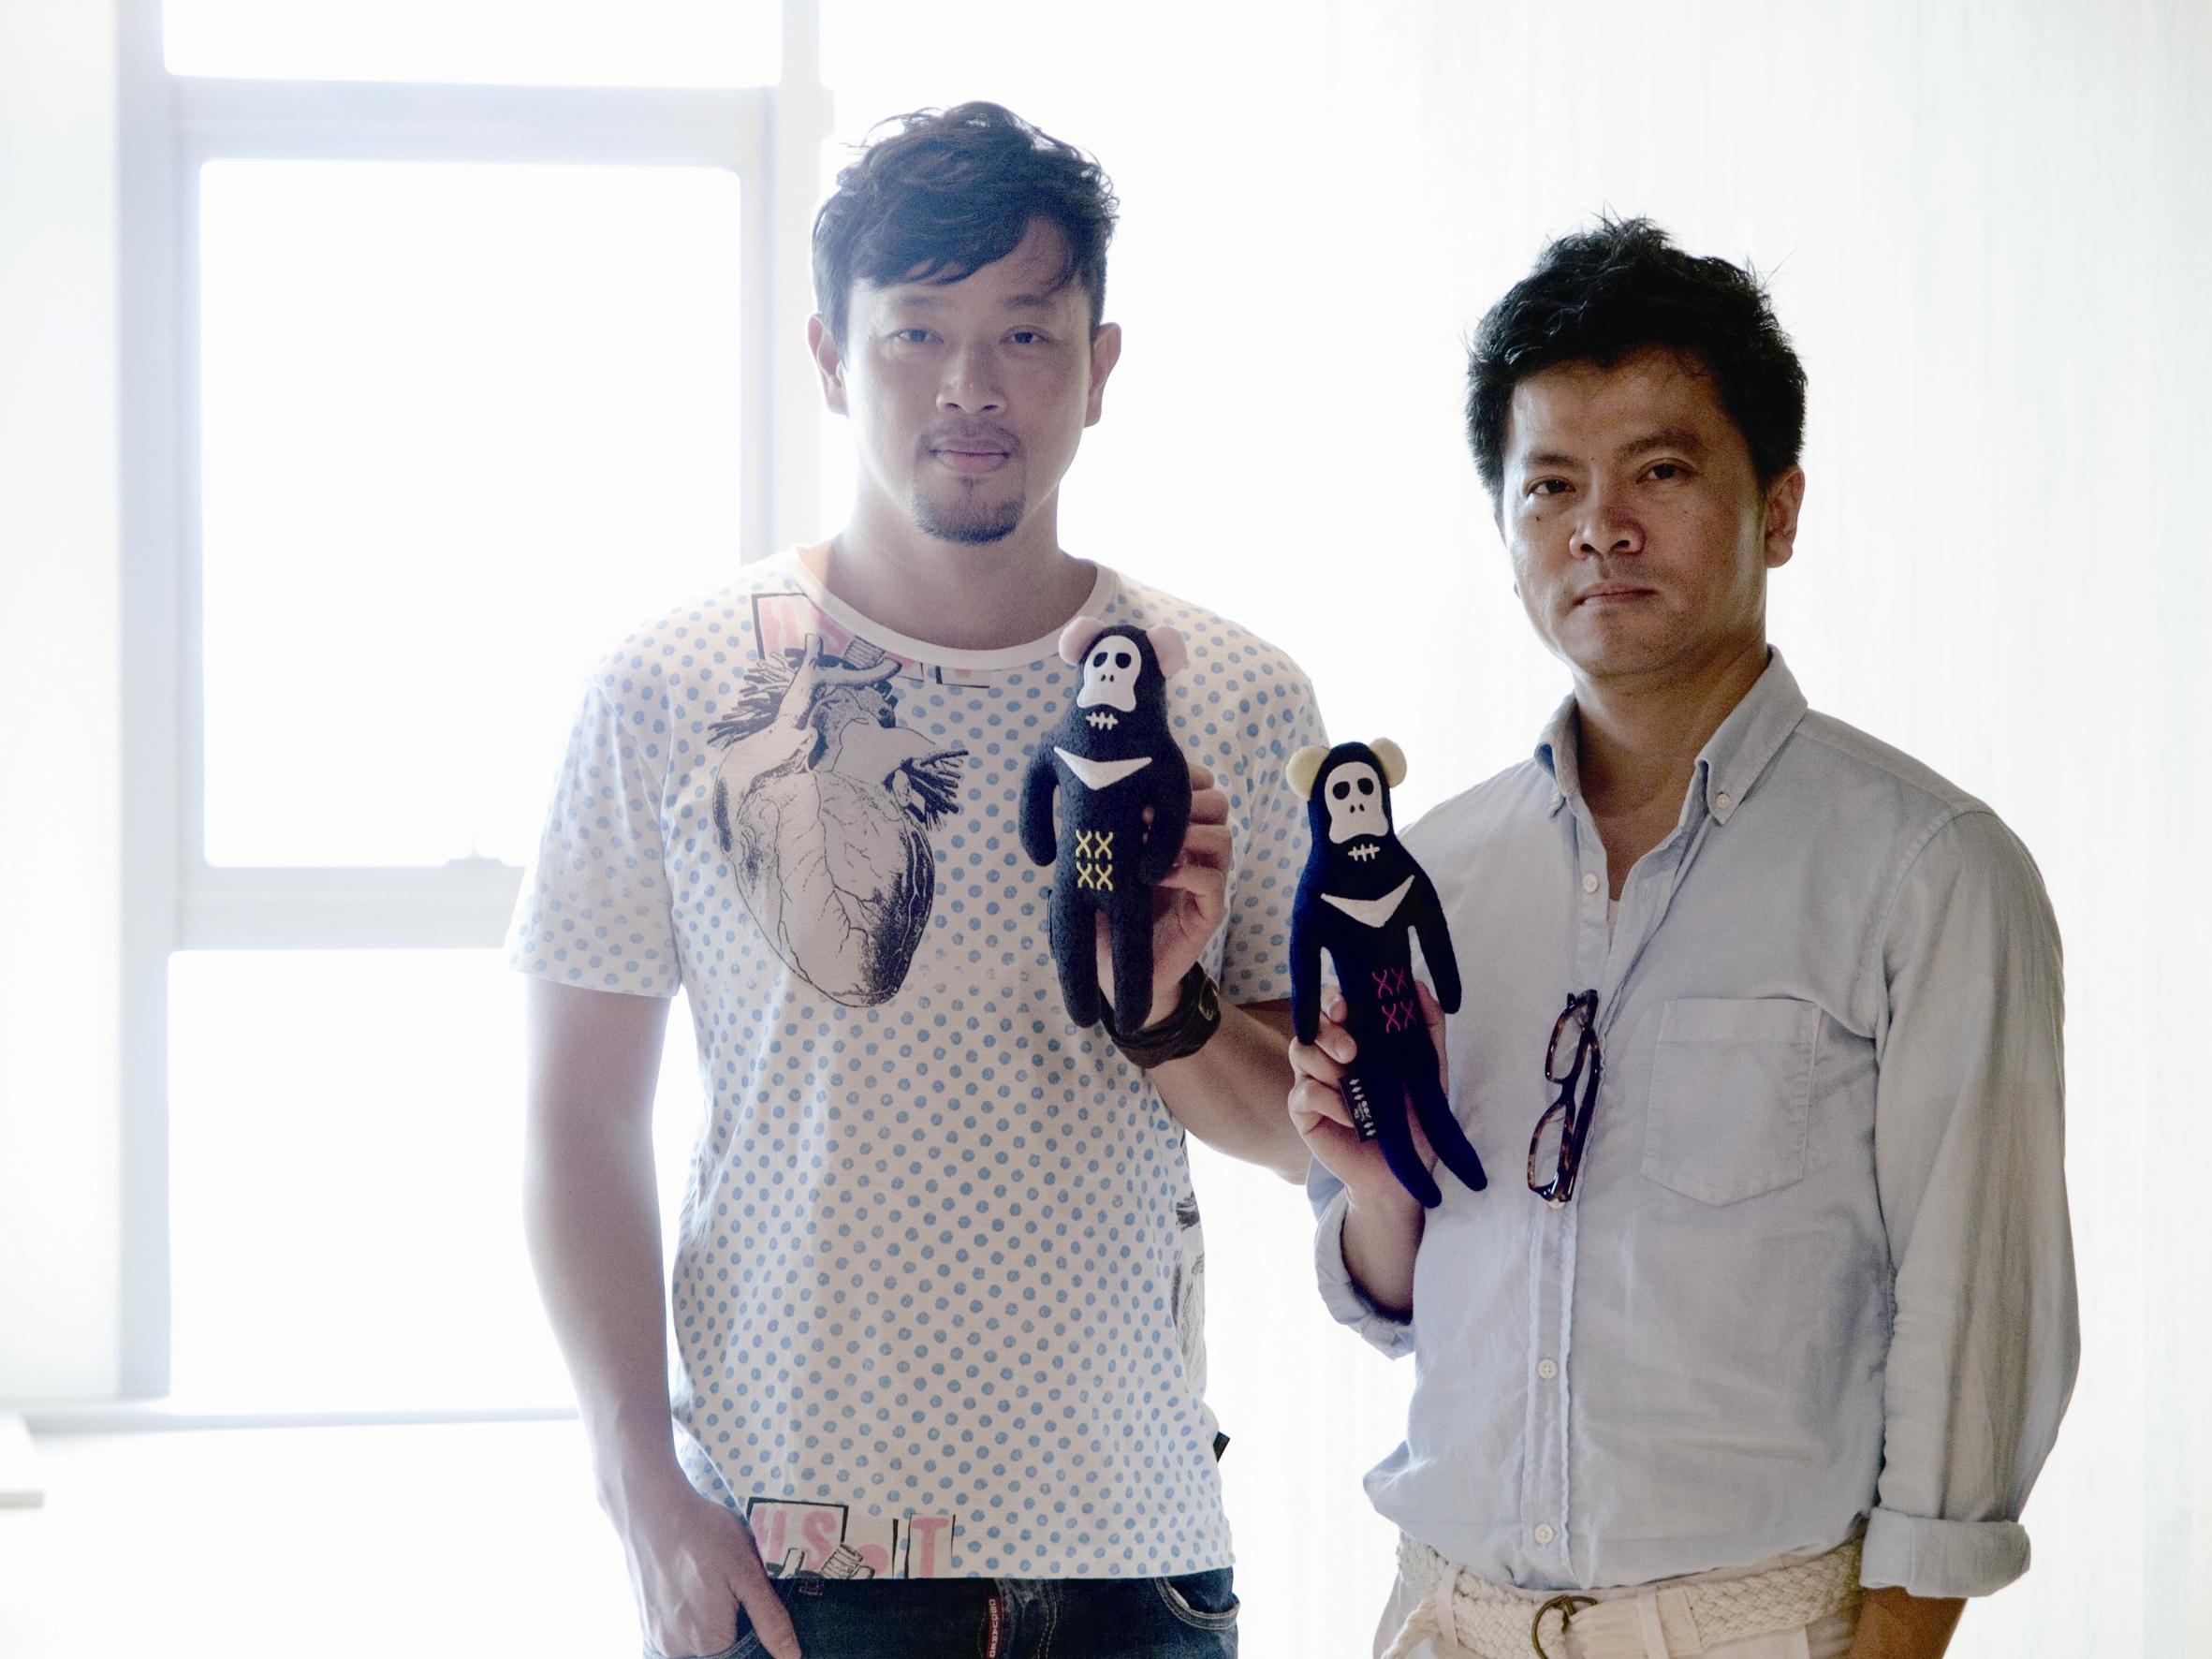 兩個八月盧袗雲(左)與莊瑞豪(右)在設計中融入充滿環保、